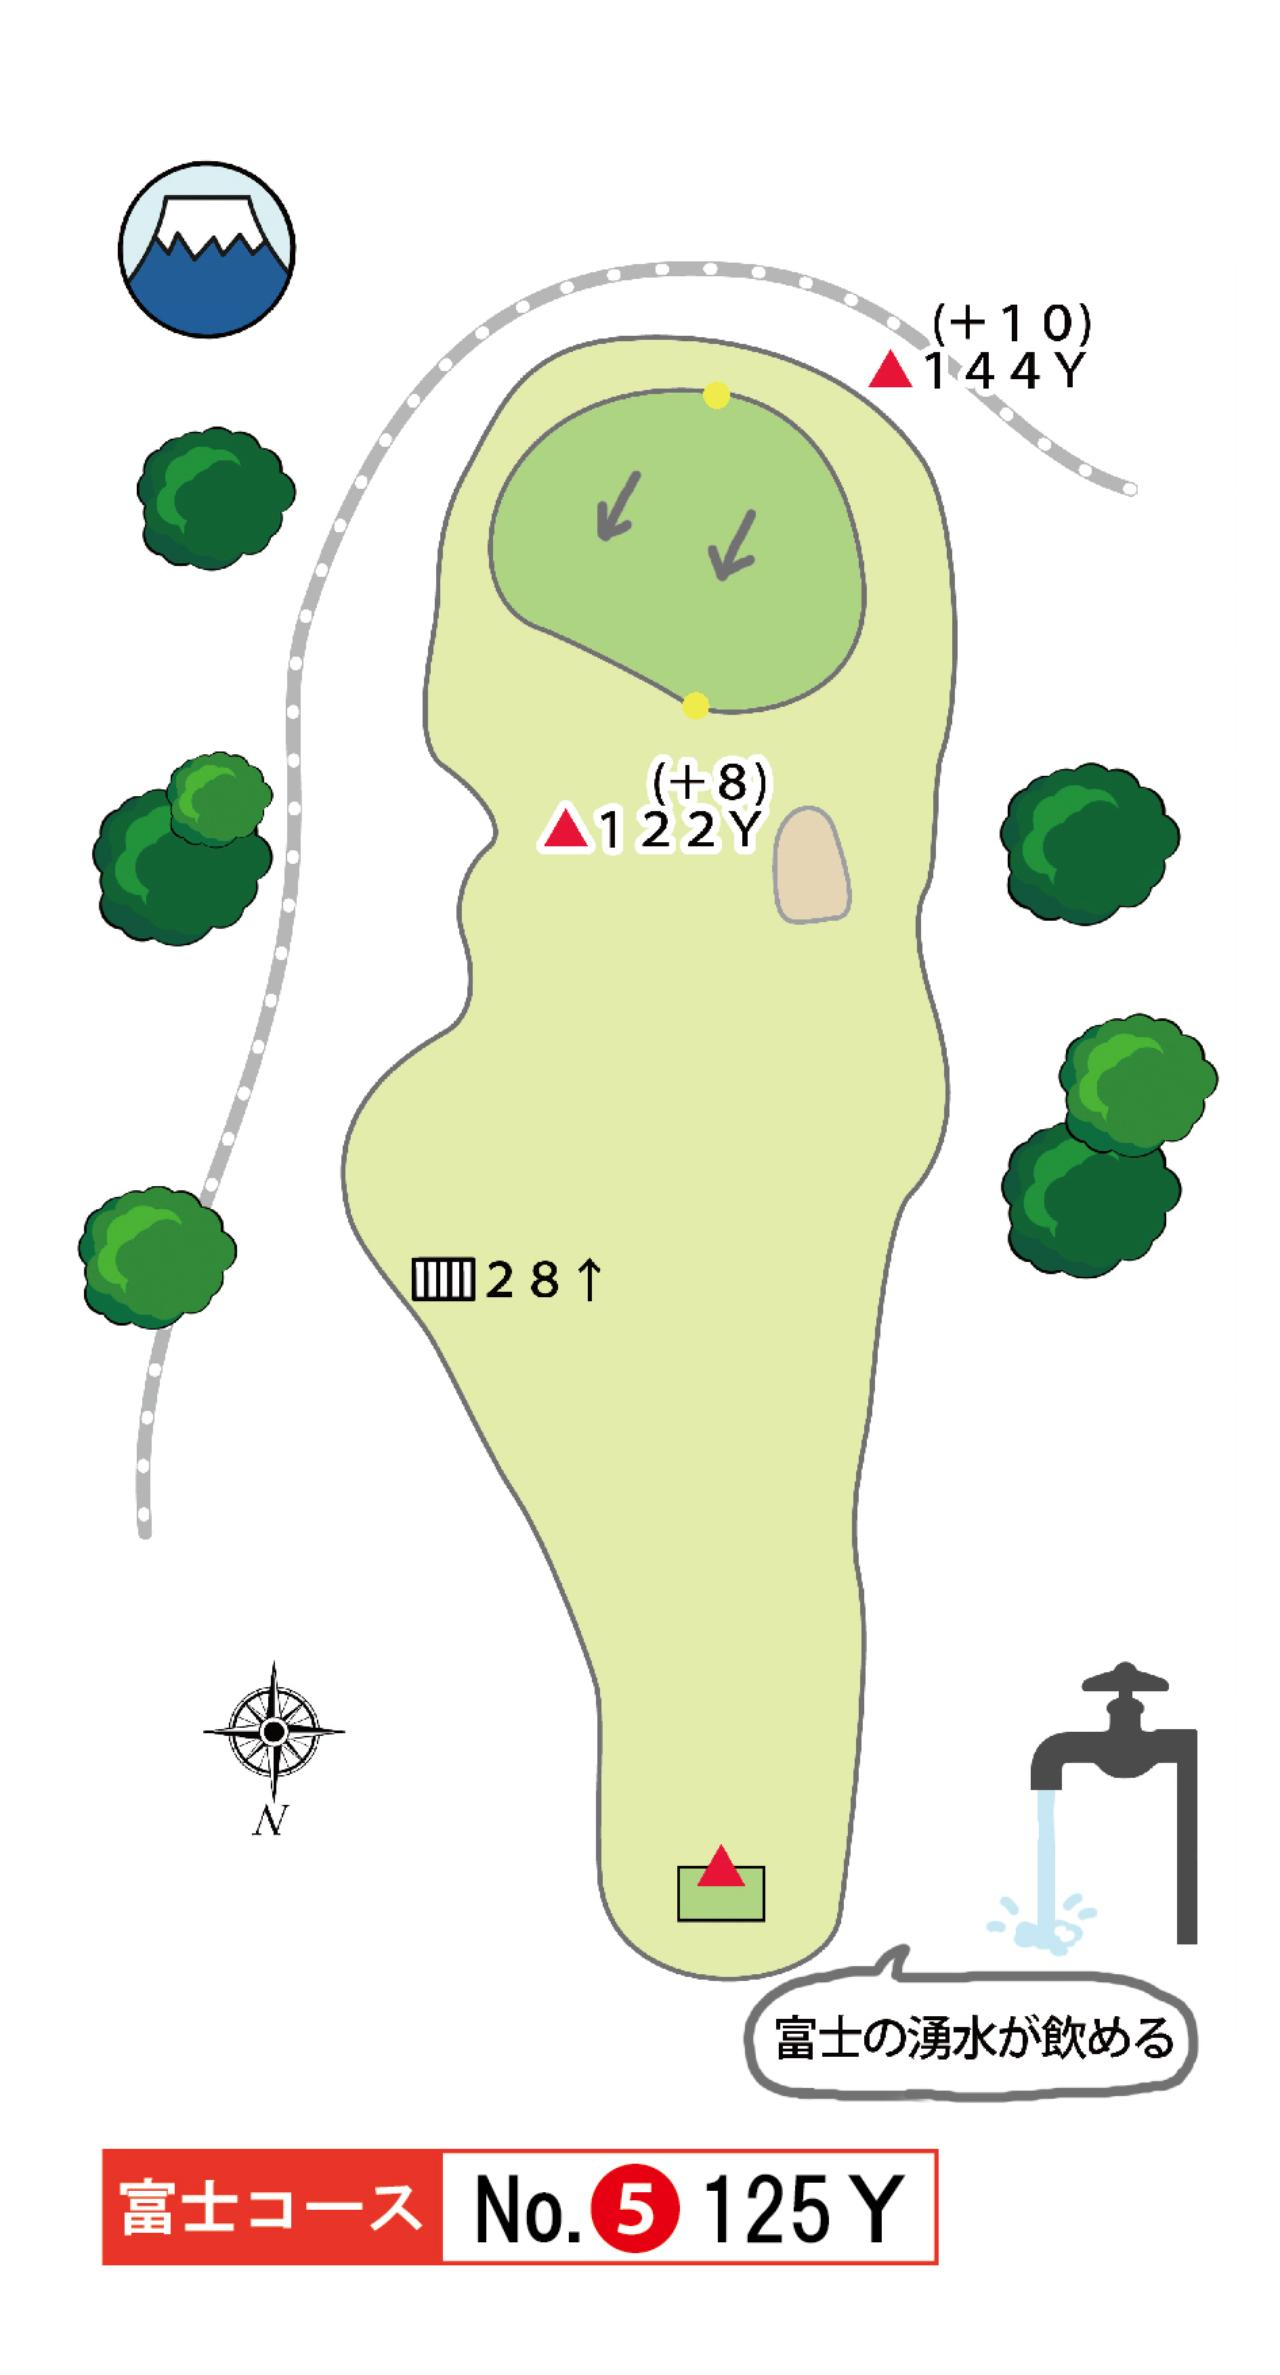 画像: 富士コース 5番 125Y